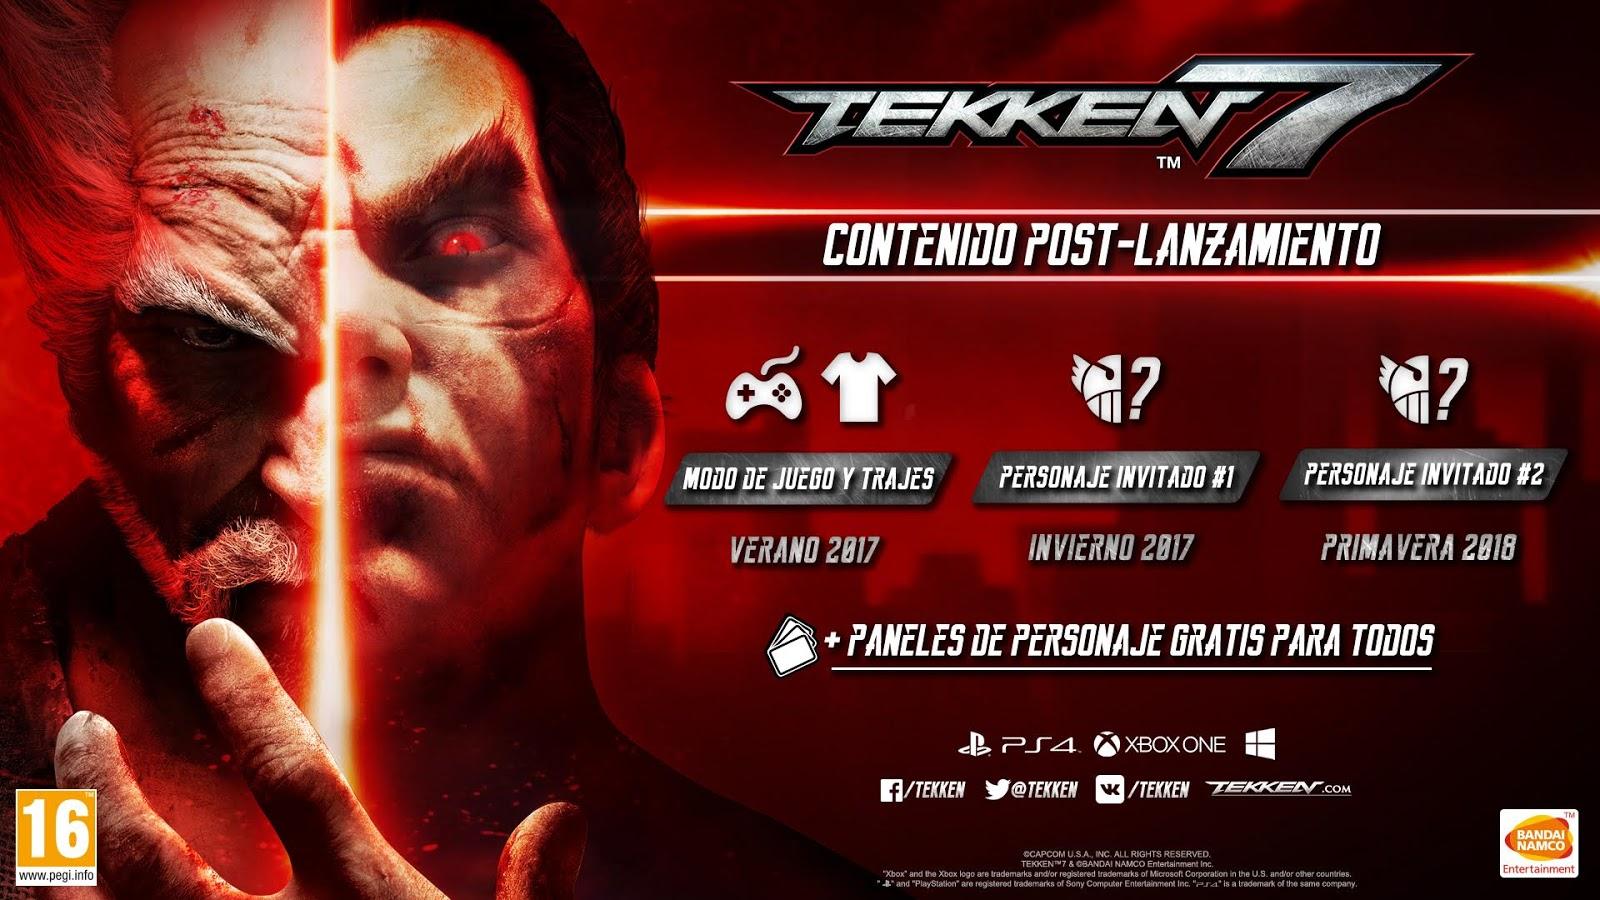 Tekken 7 concreta contenido adicional, ¡dos personajes de otros videojuegos!